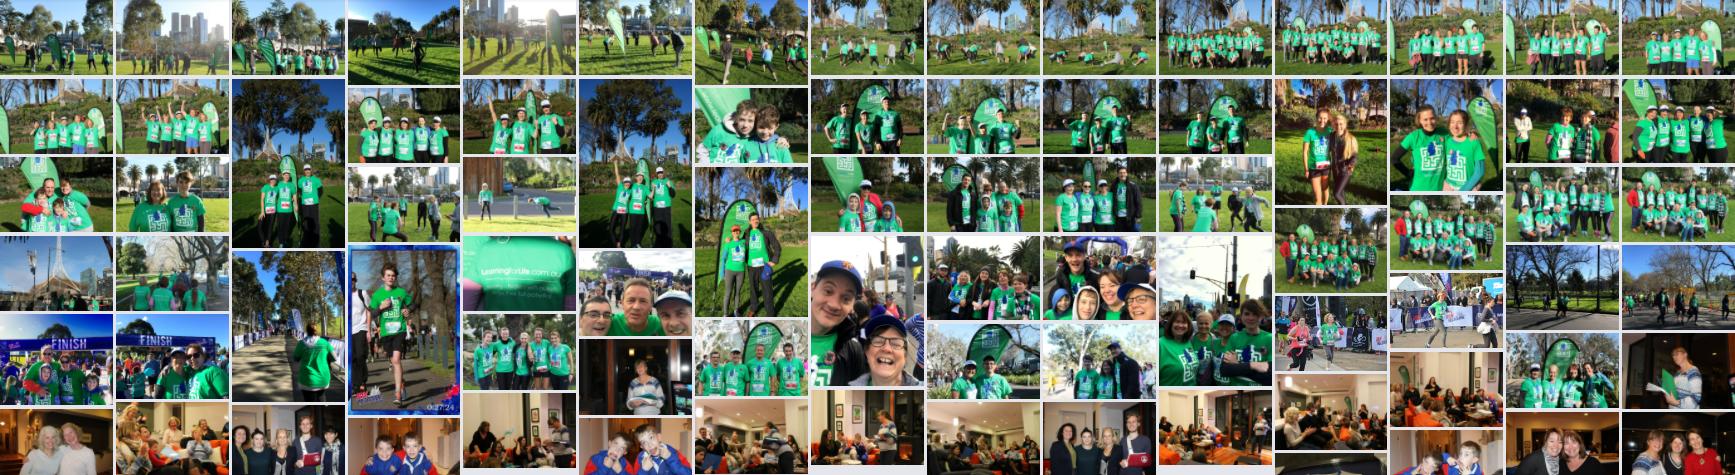 Team L4Life at Run Melbourne 2016 - photo album